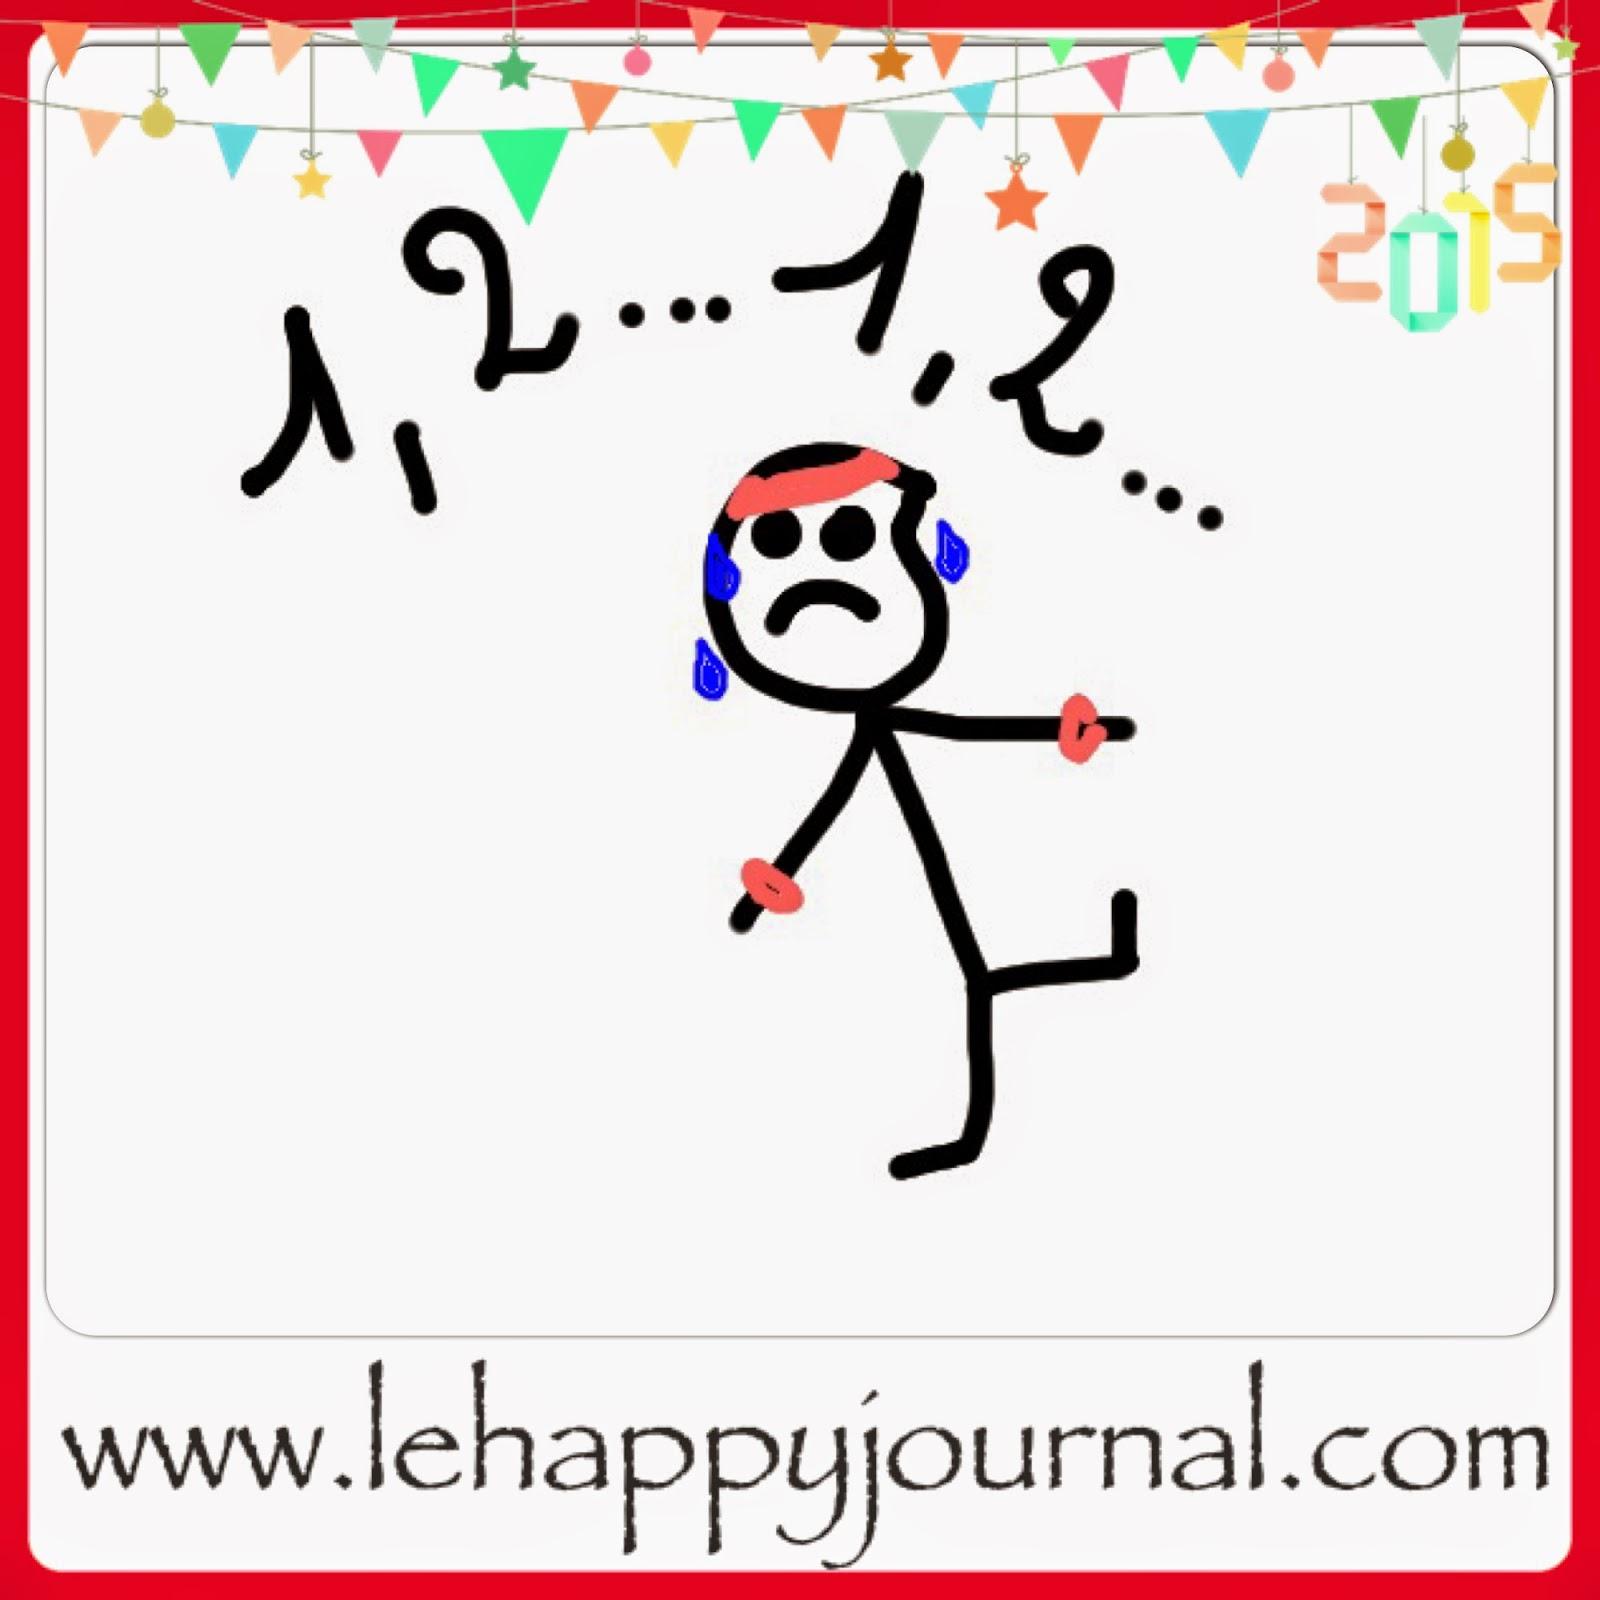 résolution, 2015, nouvel an, happy journal, sport, gym, fumer, maigrir, régime, santé, régime, bien être, gourmand